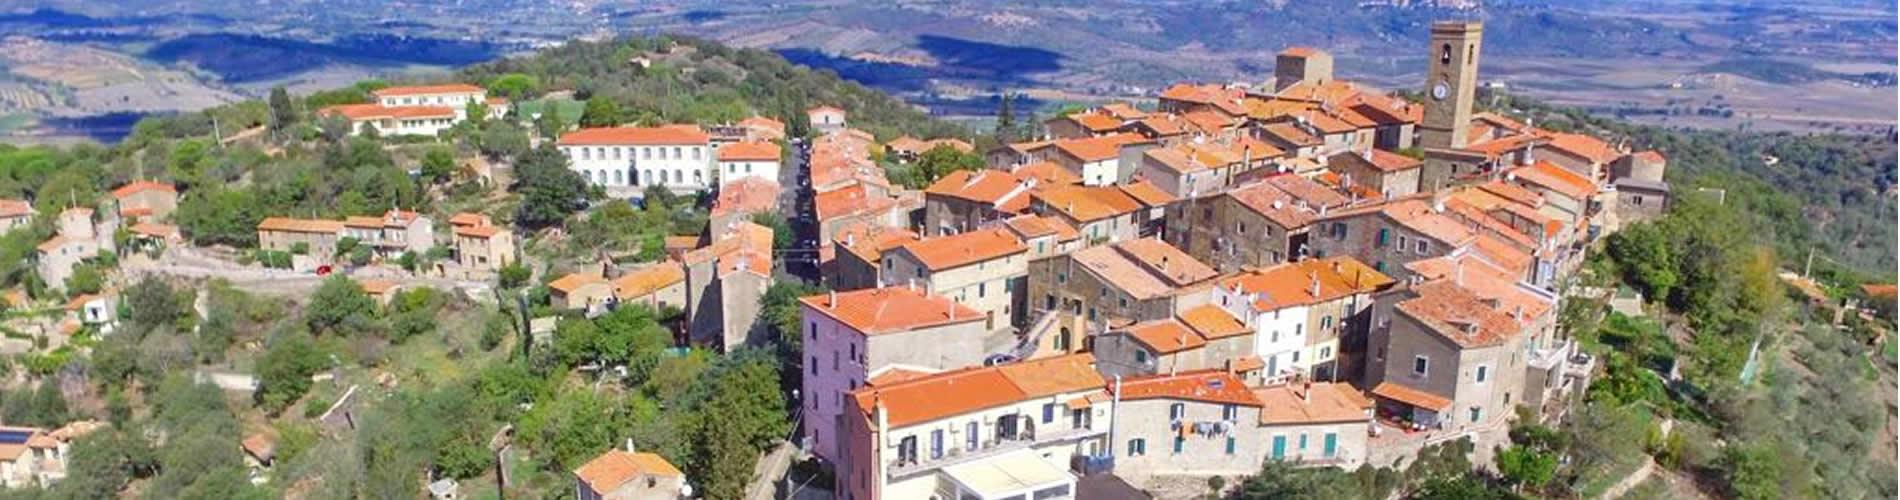 Foto panoramica dall'alto di Vetulonia